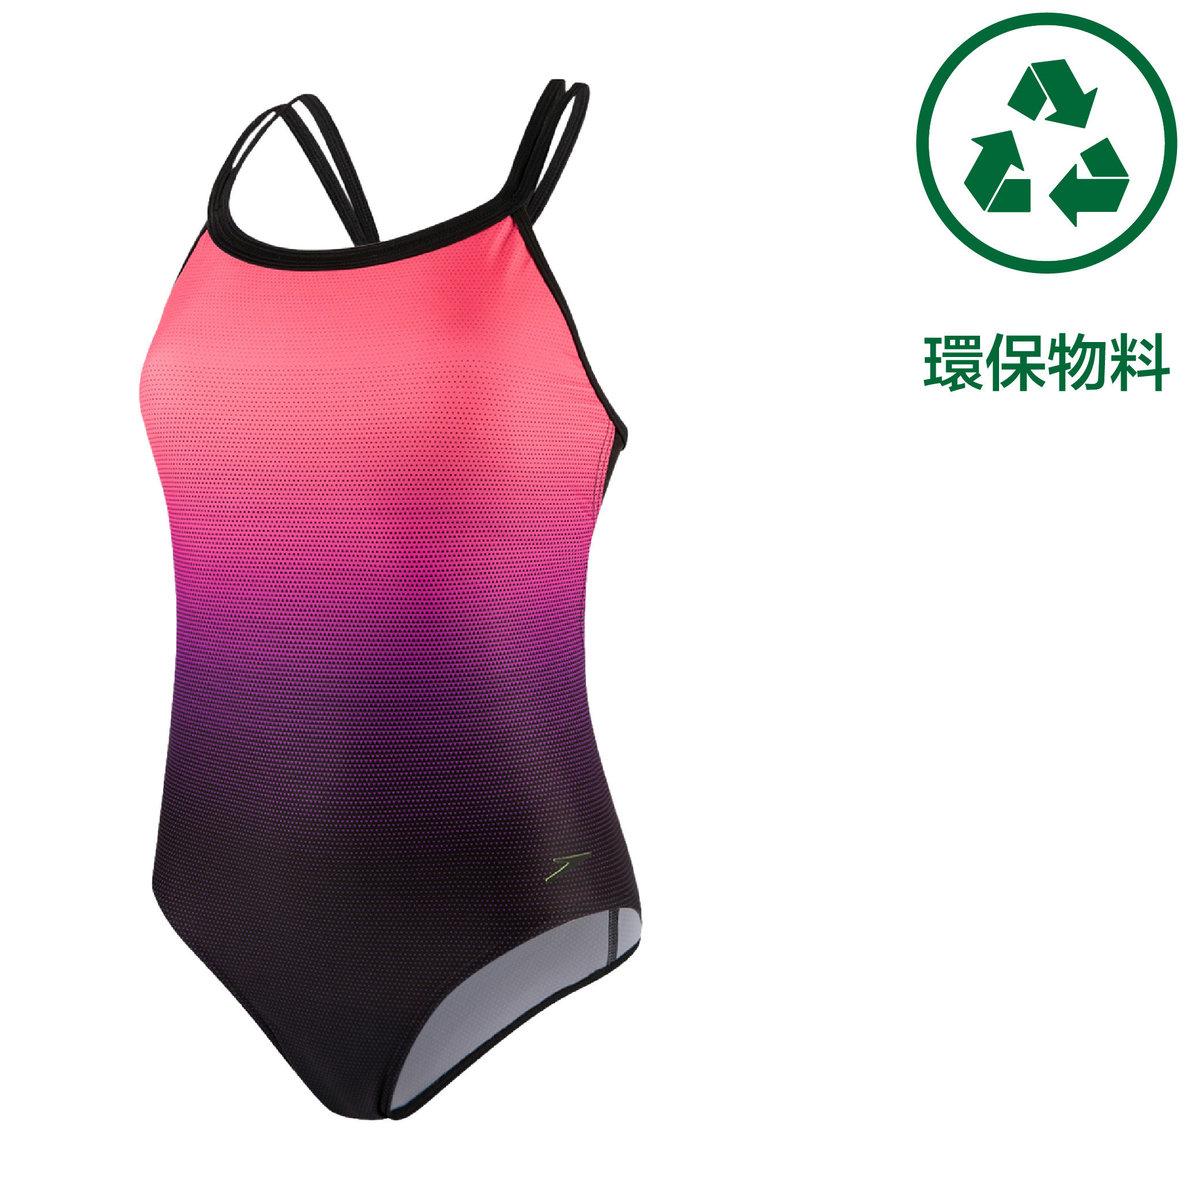 Speedo - HYDROSENSE 女士連身泳衣